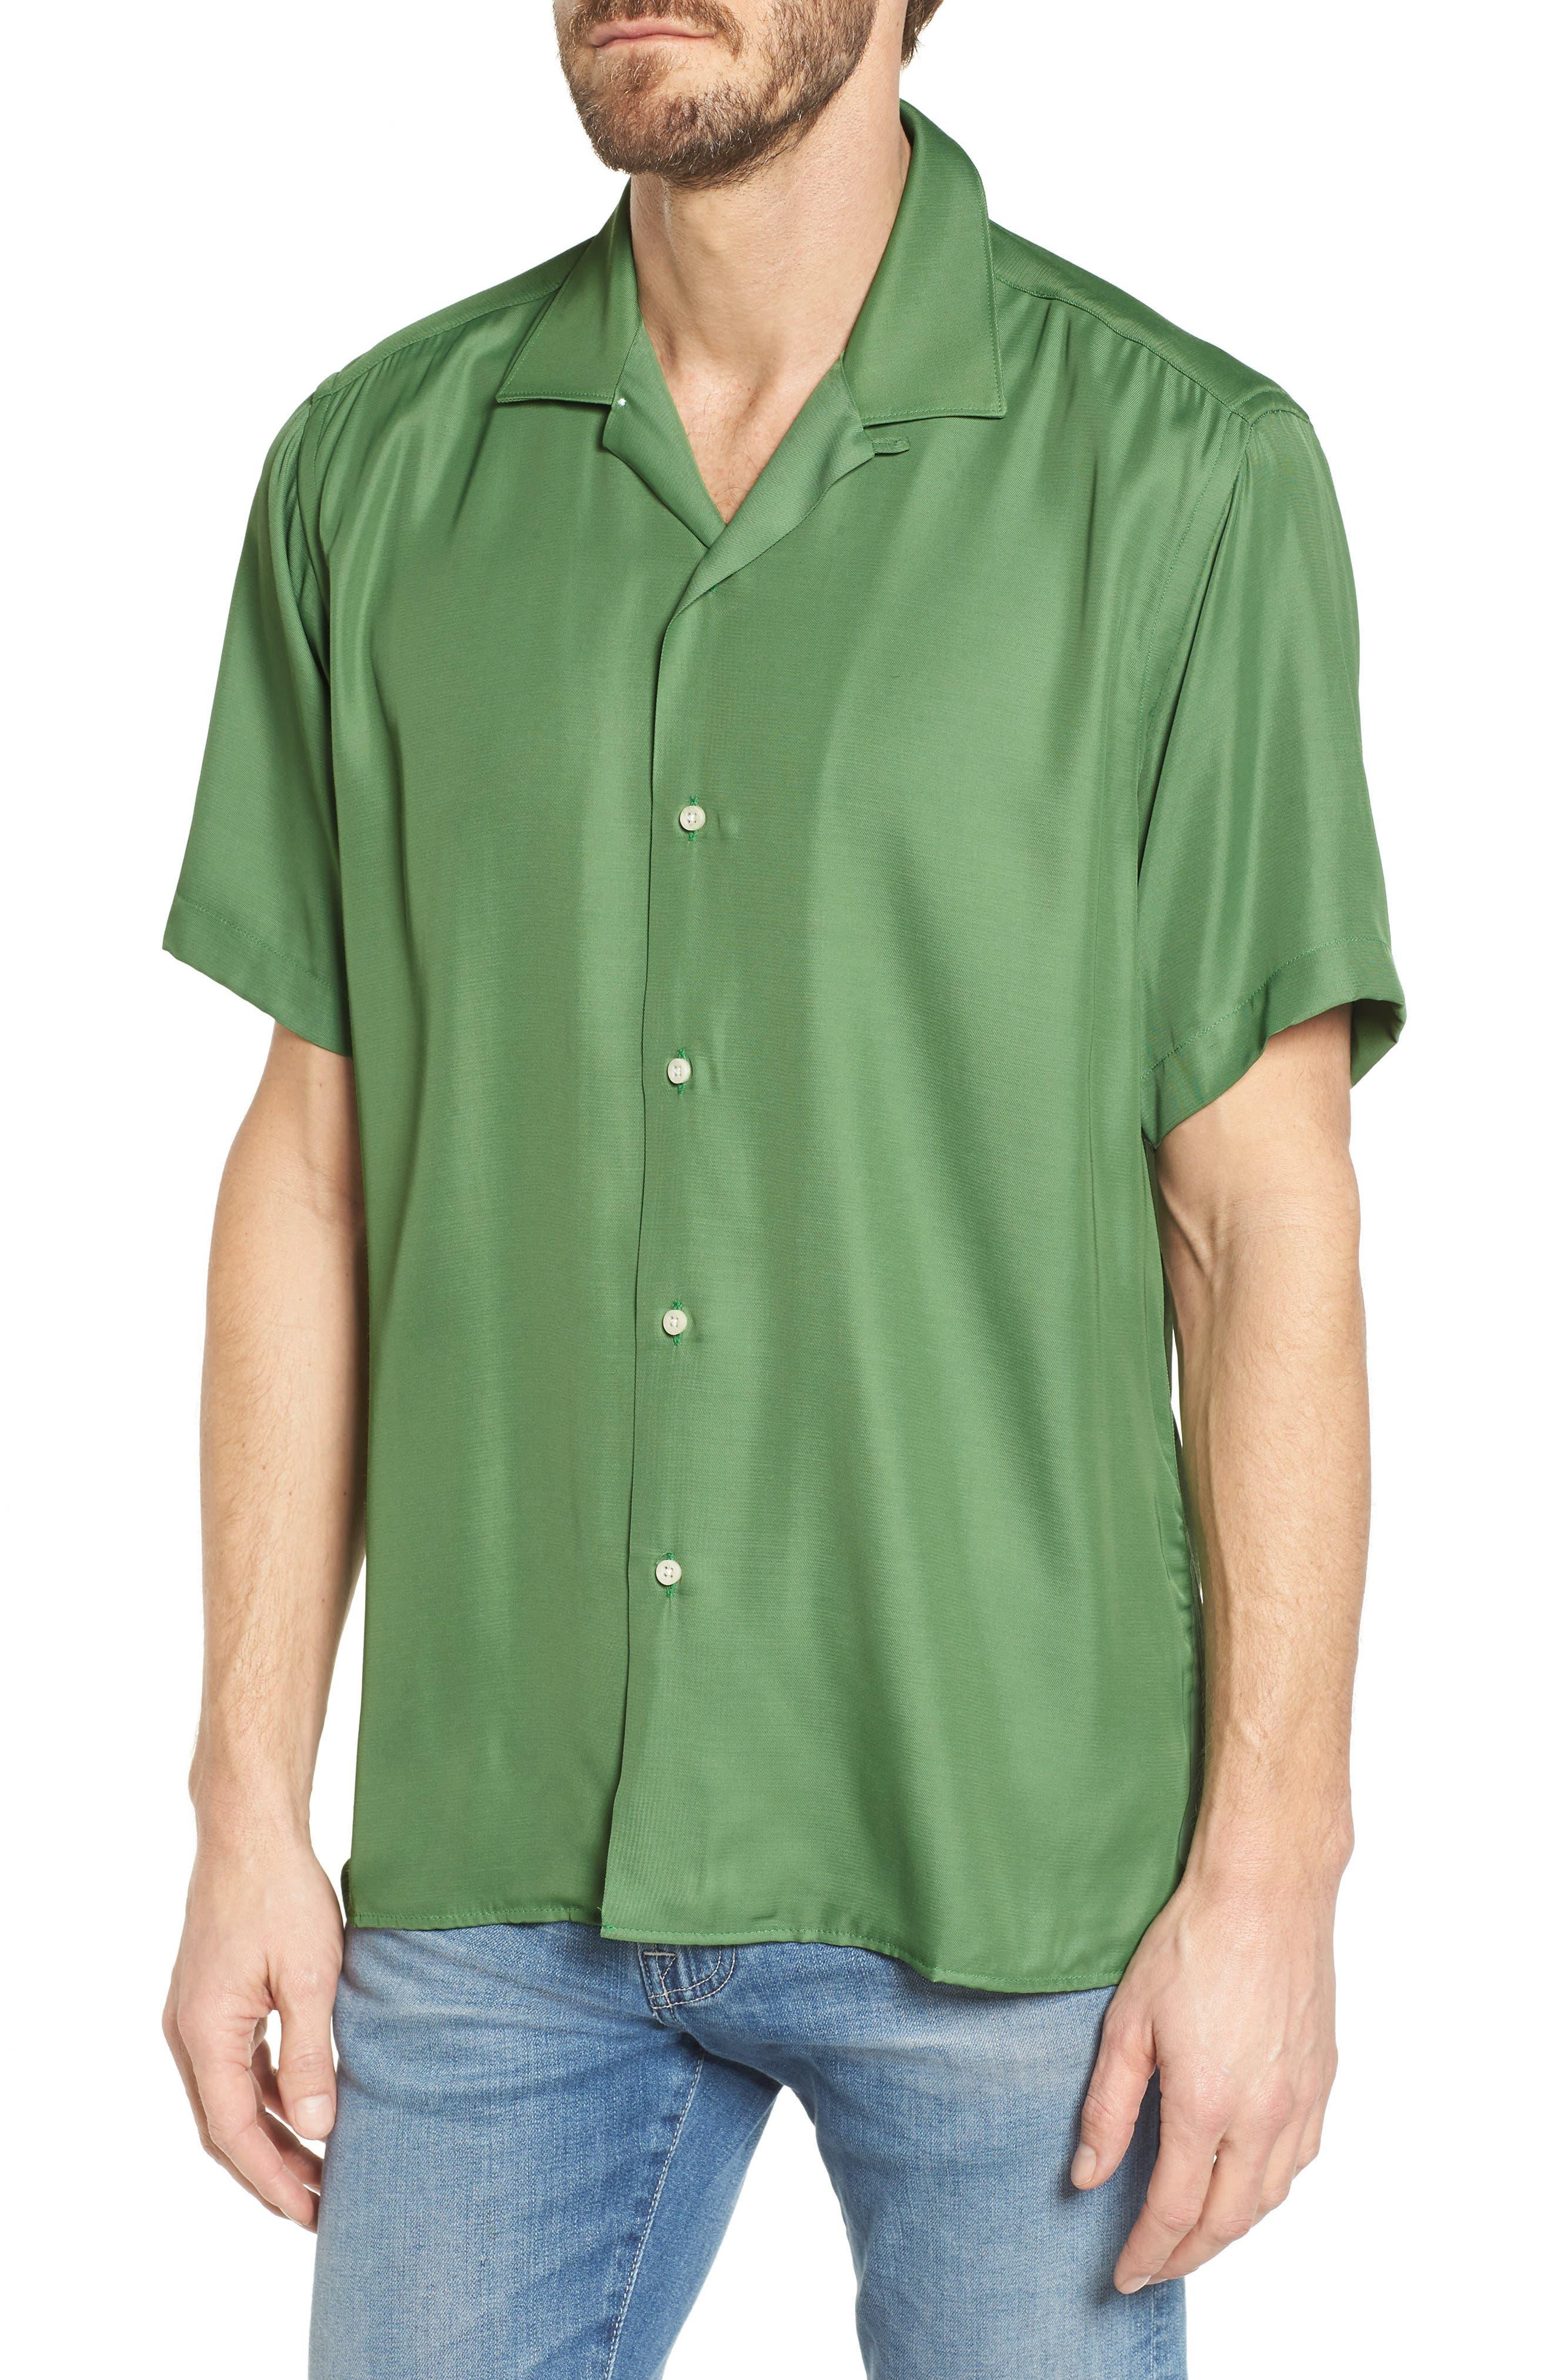 Camp Shirt,                         Main,                         color, Green